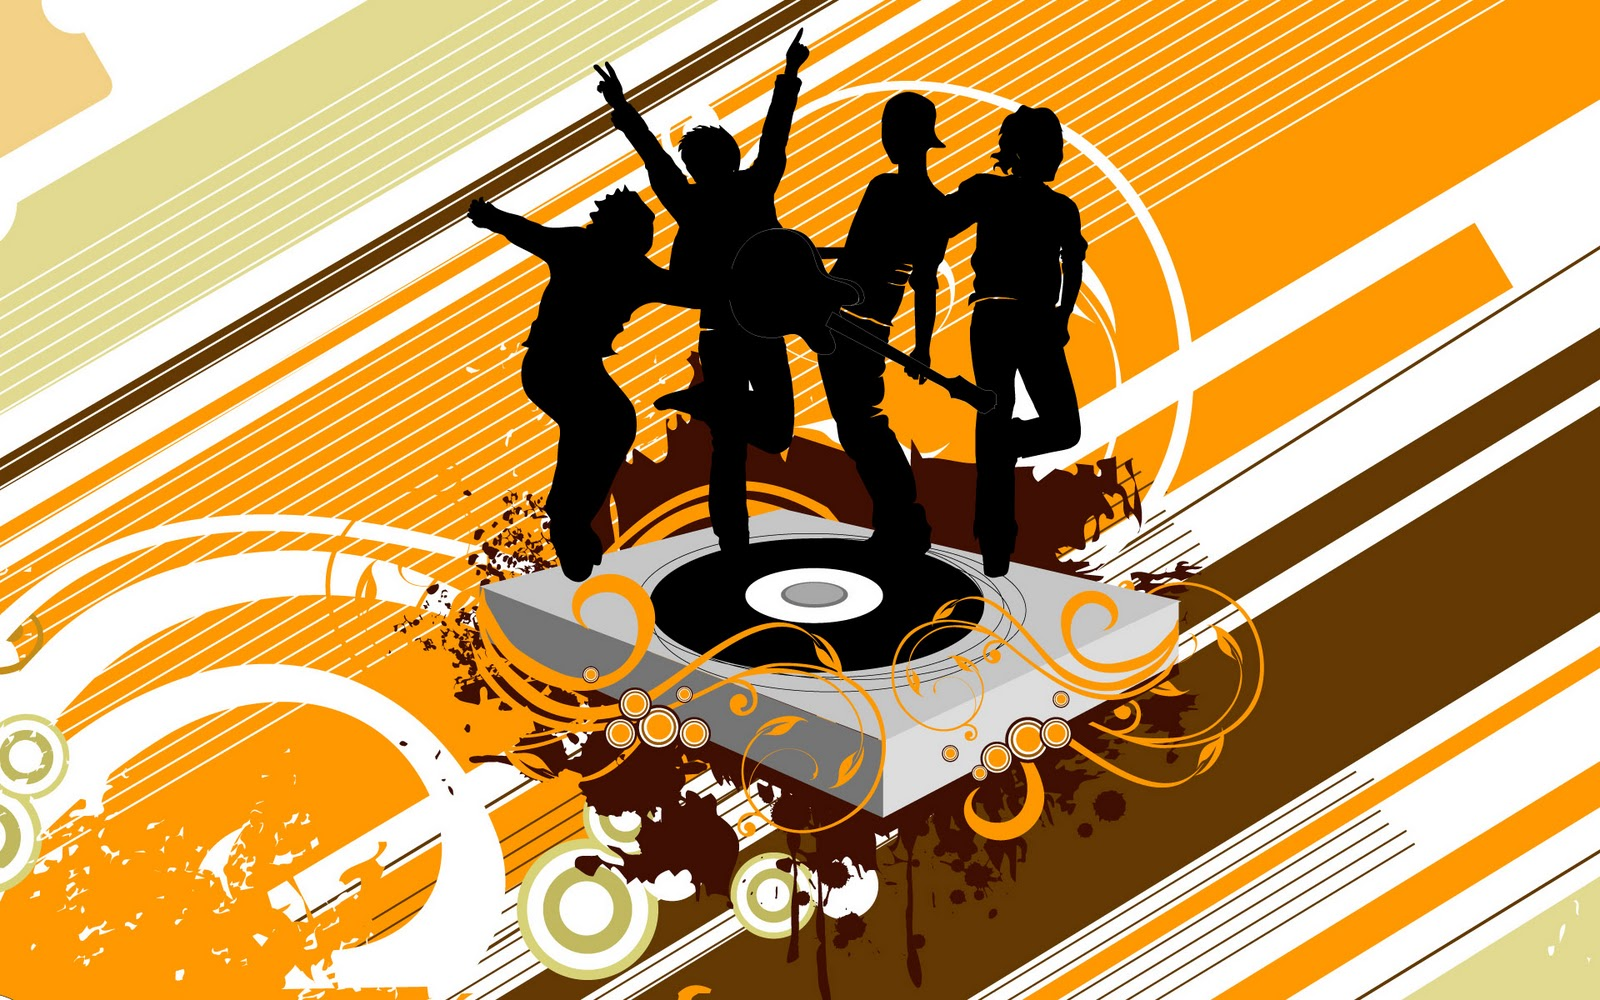 http://2.bp.blogspot.com/_dHsfDO7G0Ss/TPAD9OiWOxI/AAAAAAAAAGA/xS5fEtCl_2k/s1600/dancing_dj_widescreen-wide.jpg